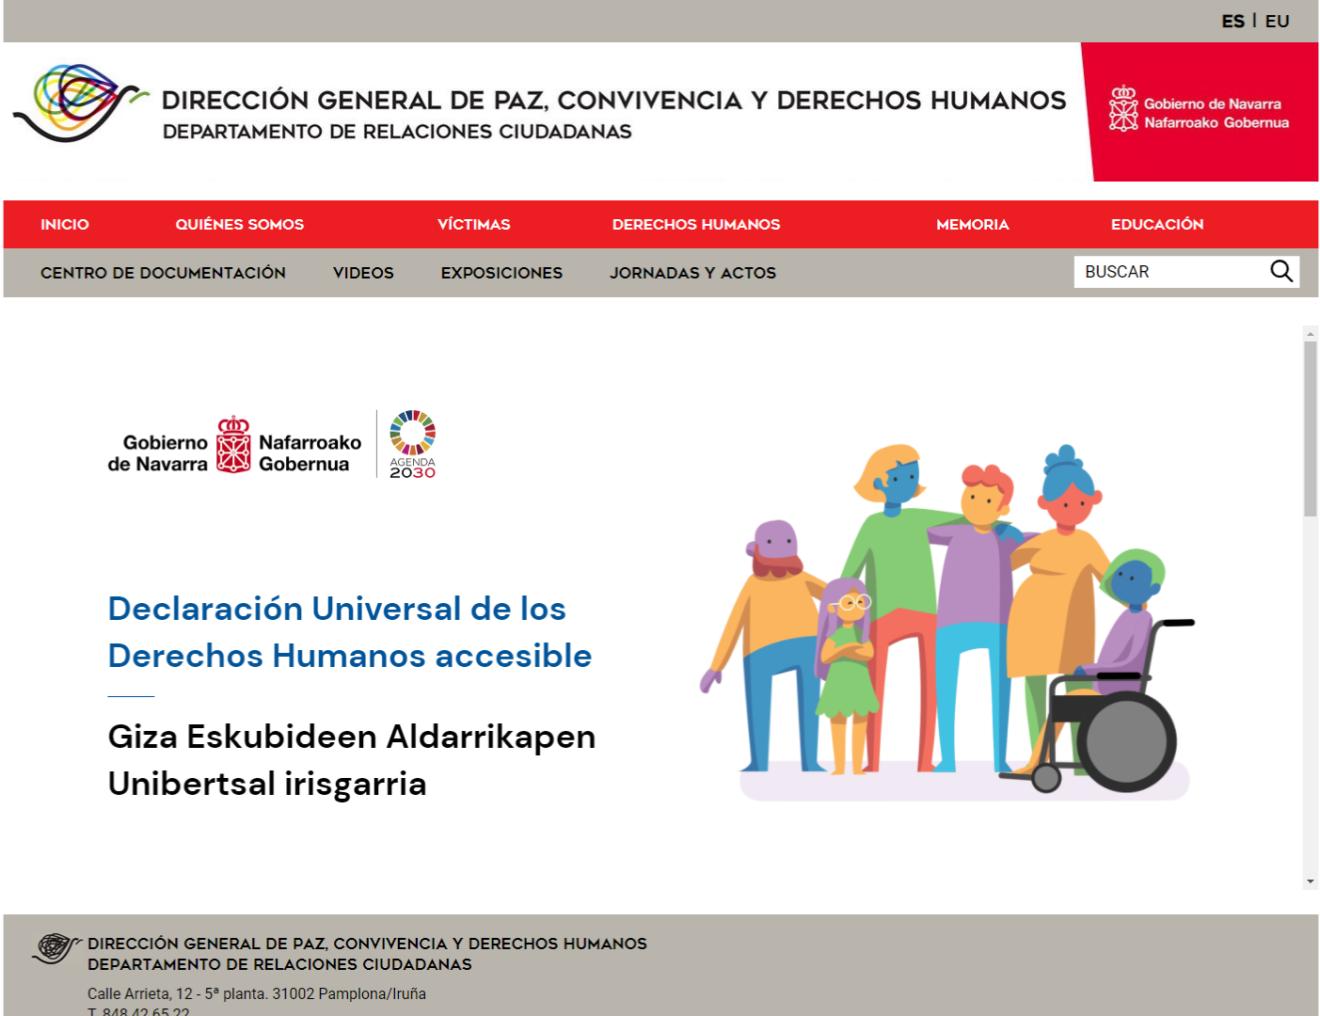 El Gobierno de Navarra publica la Declaración Universal de los Derechos Humanos con criterios de accesibilidad universal